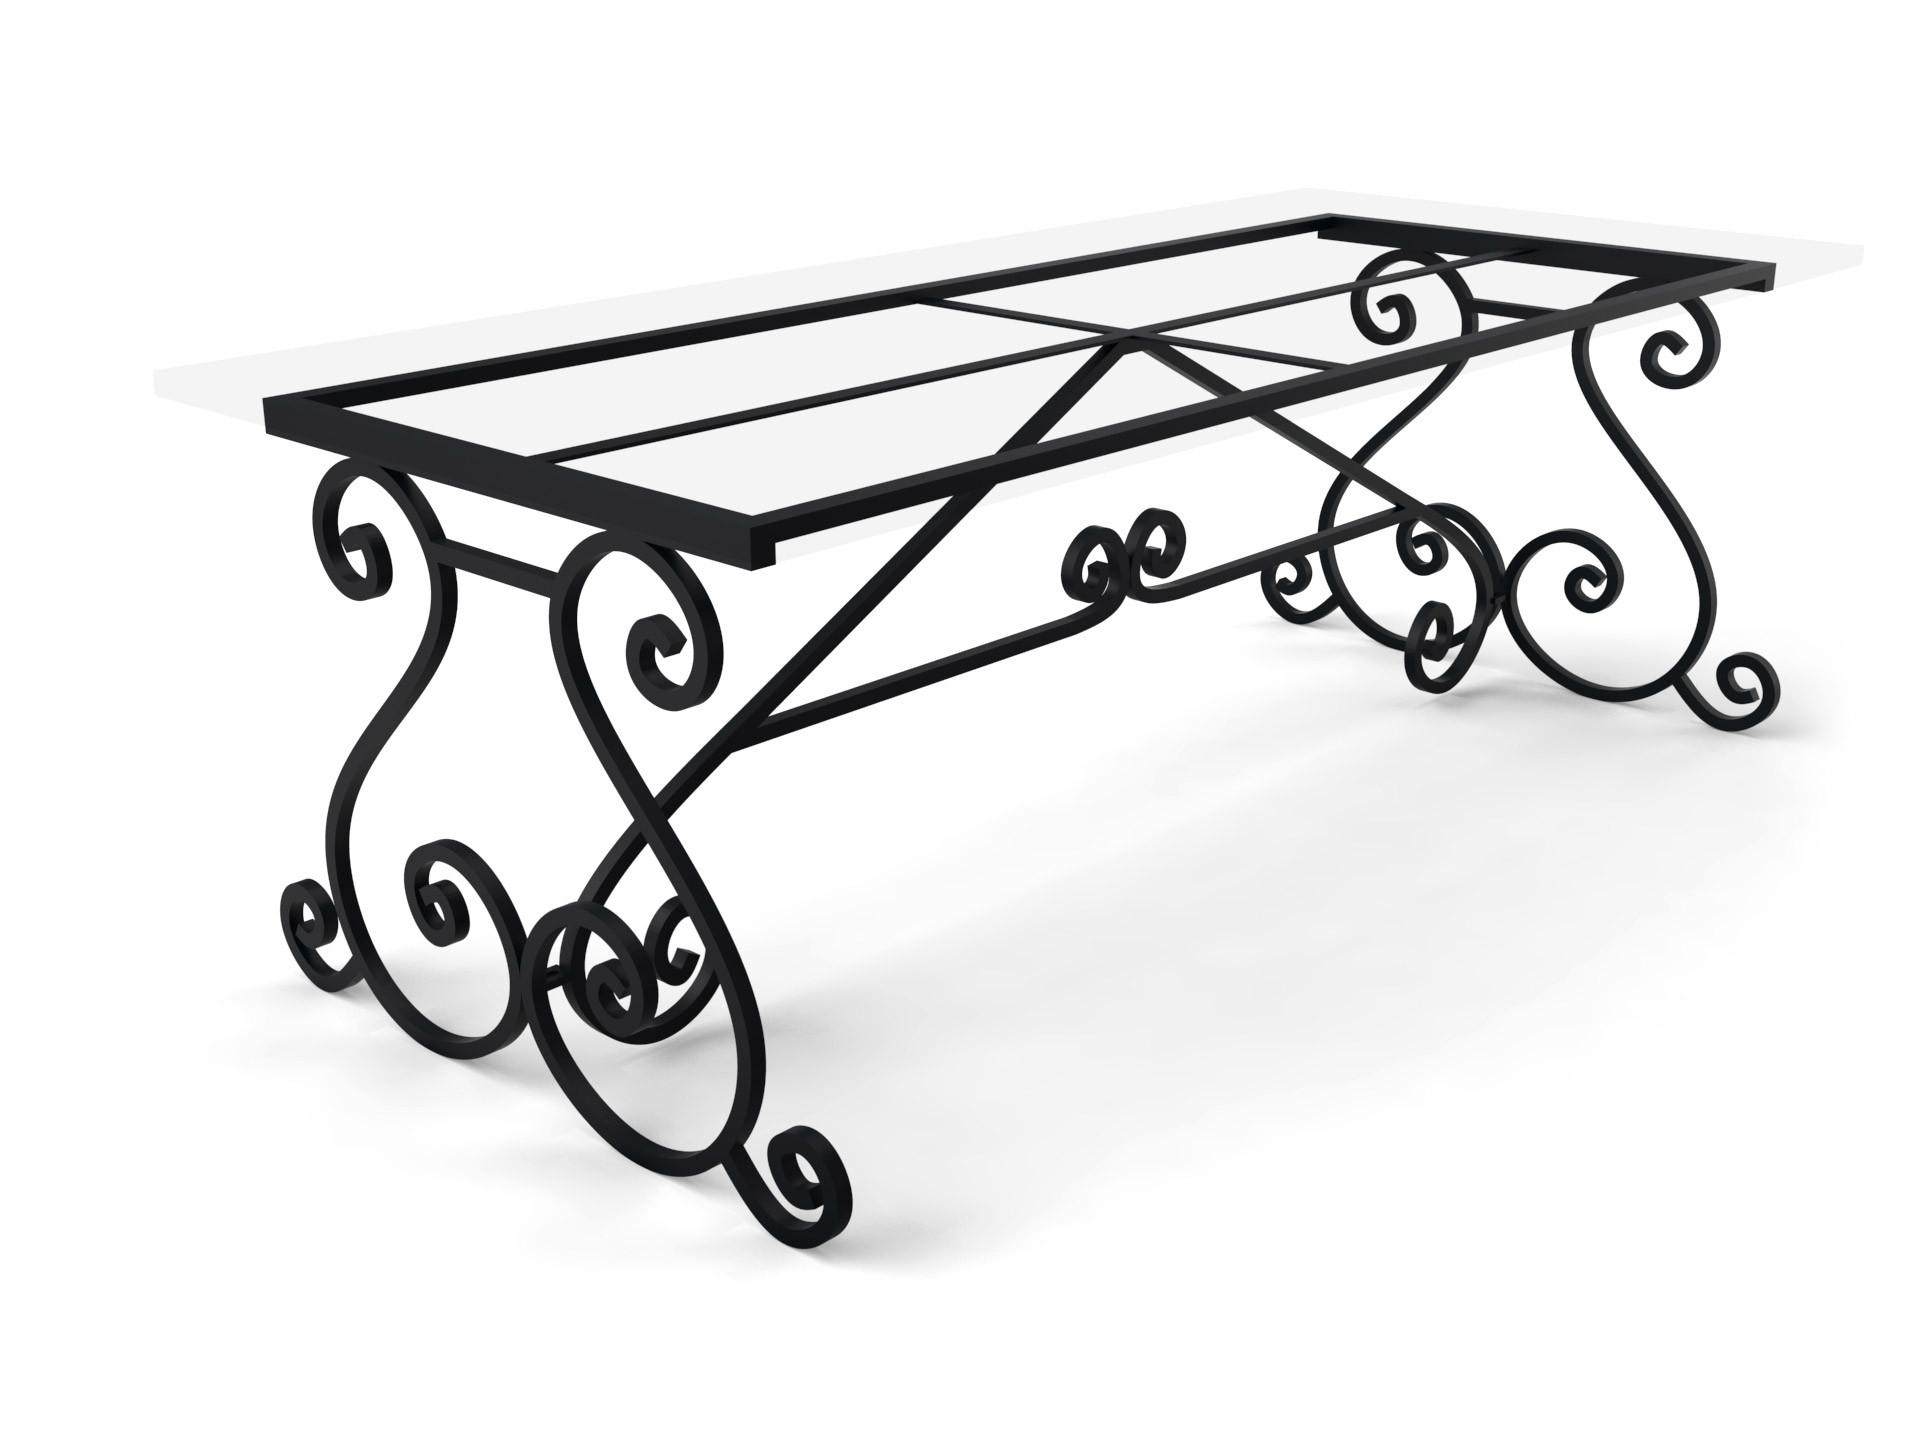 Tischgestell Paris